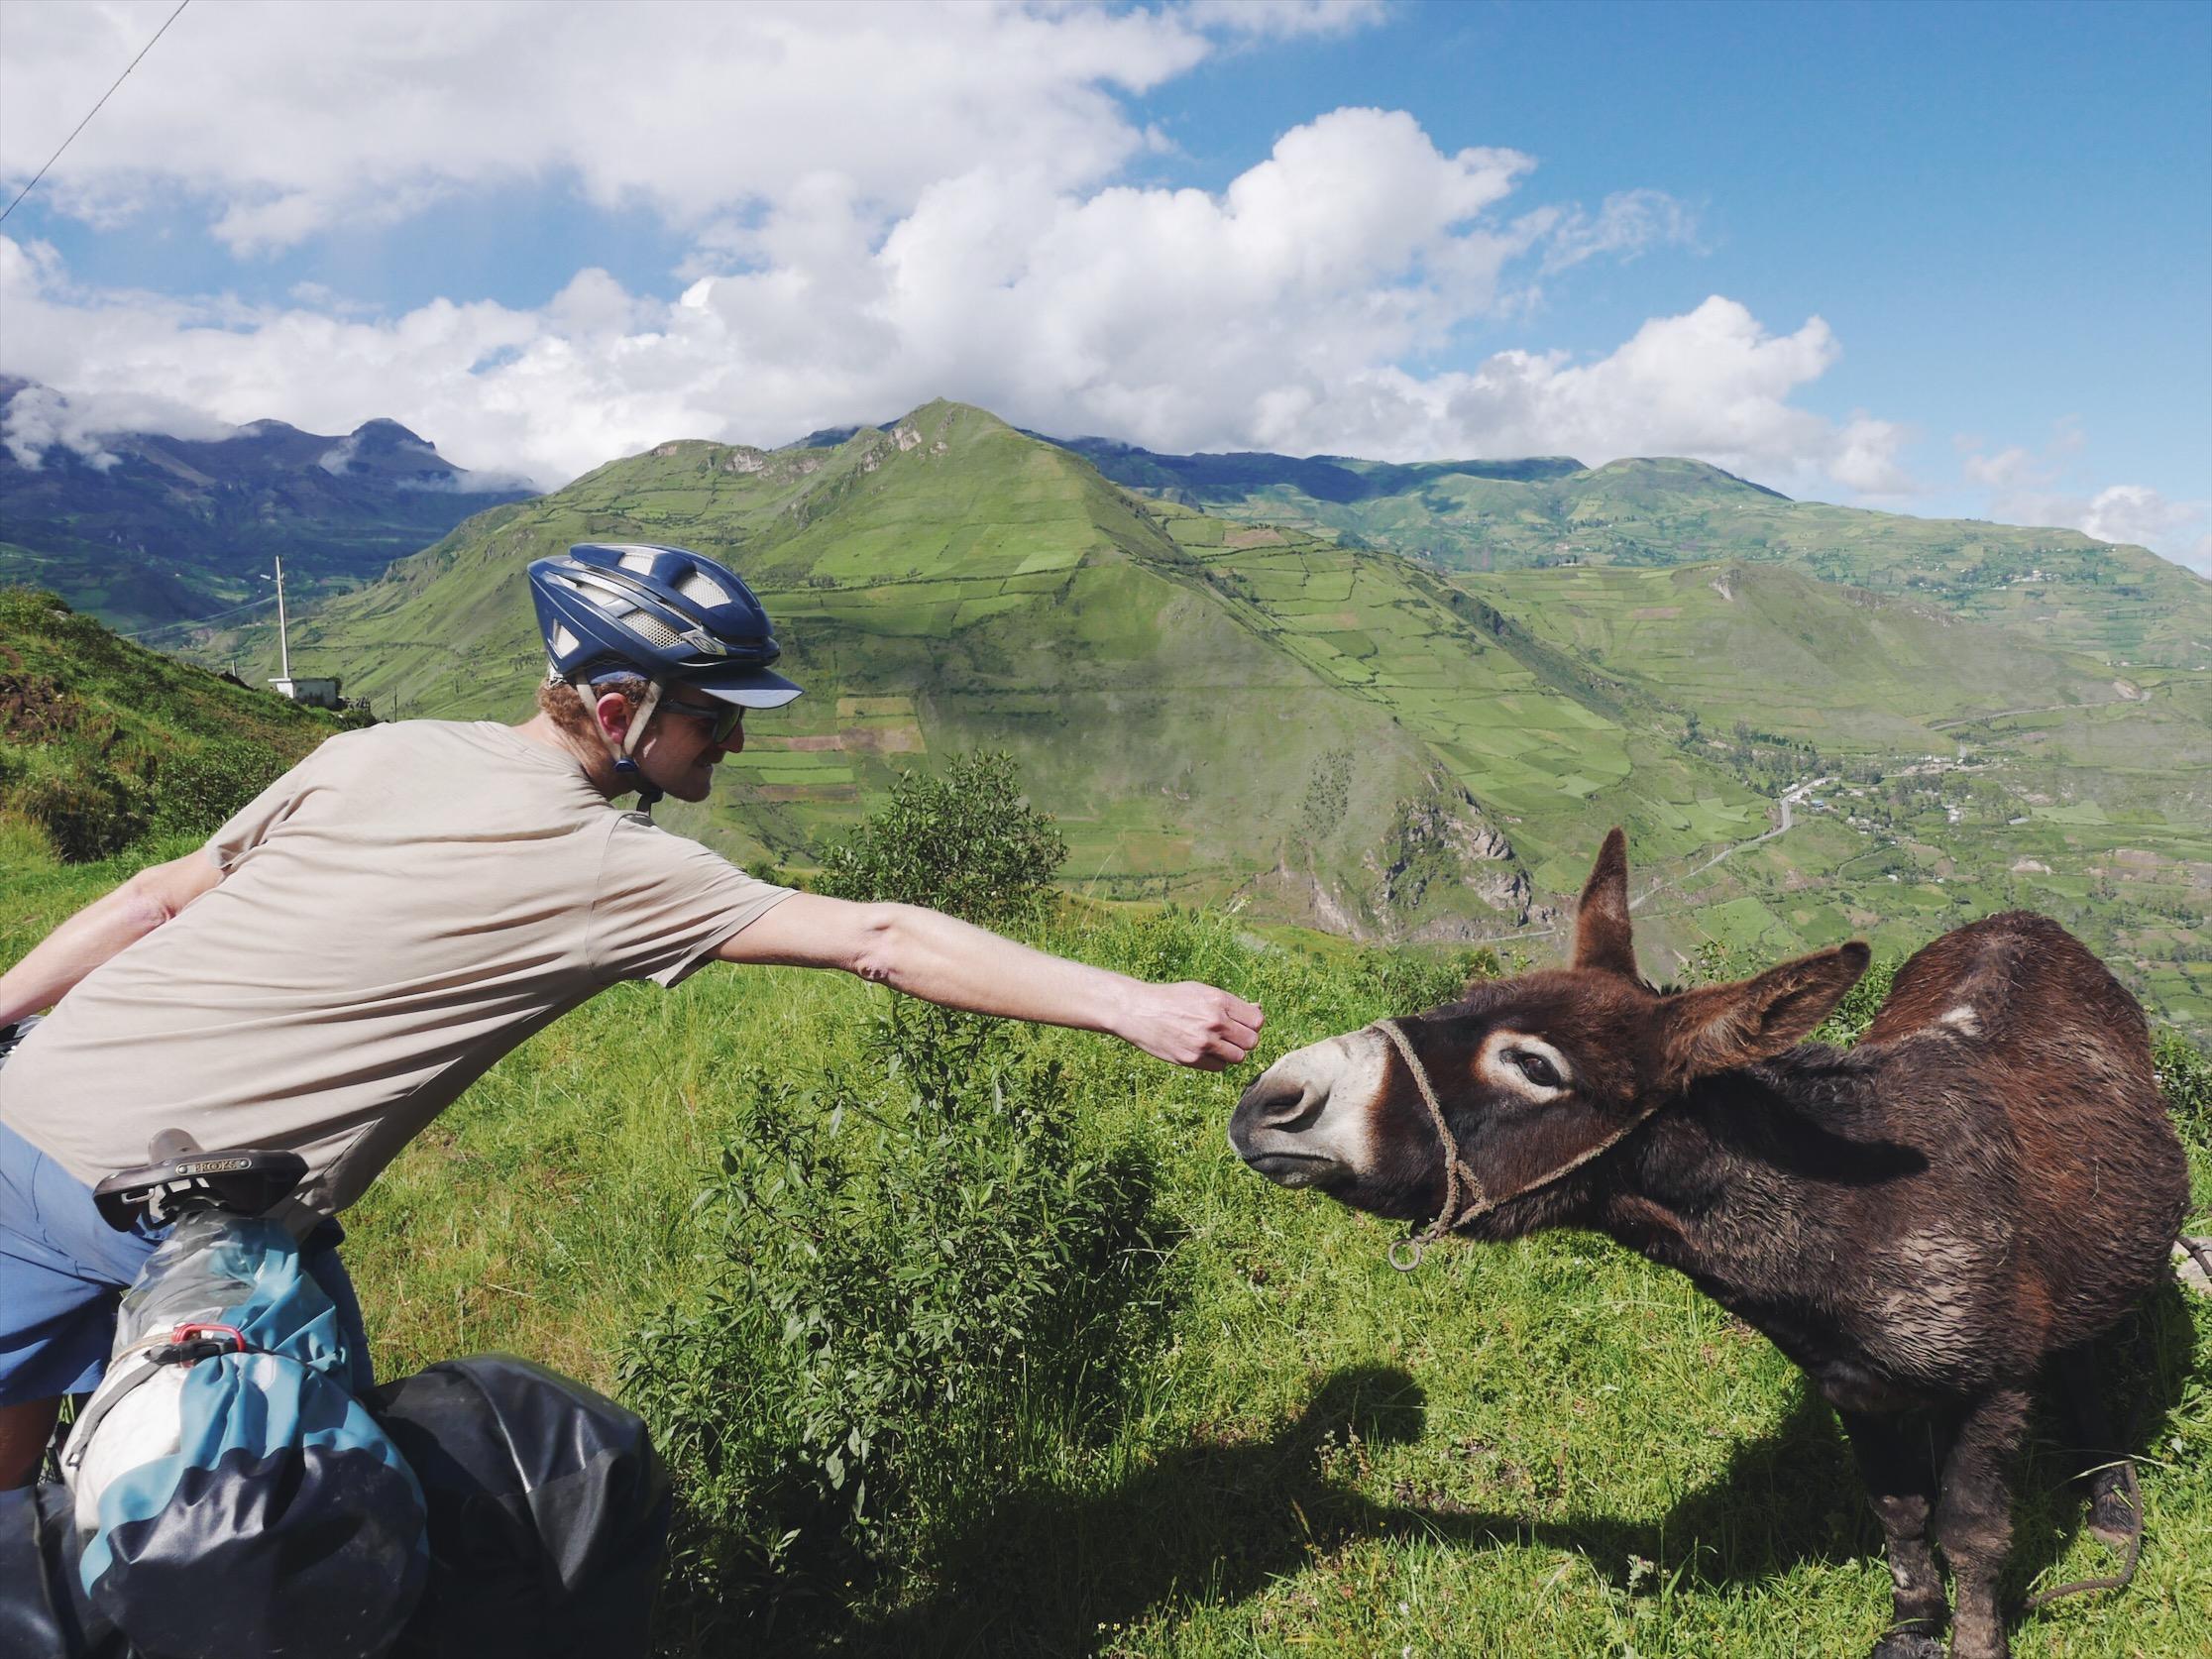 Google: Do donkeys bite?